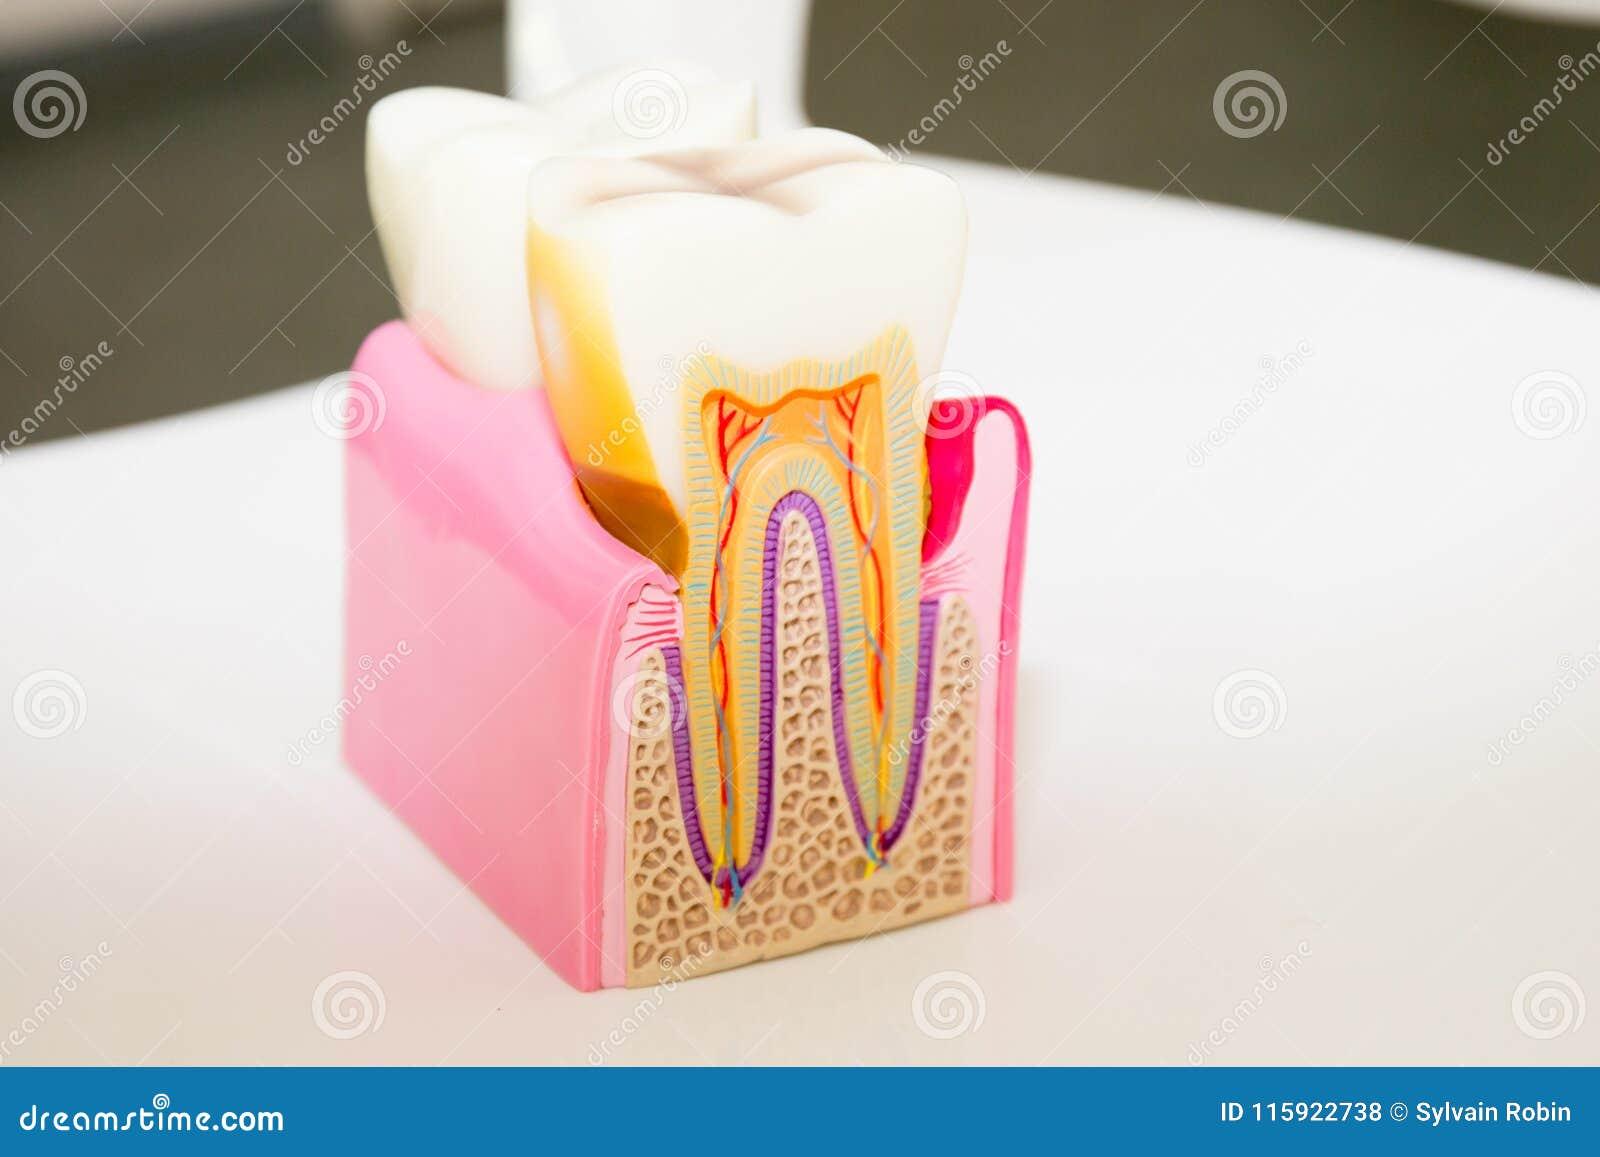 Anatomia Dental Stock Images - 2,485 Photos